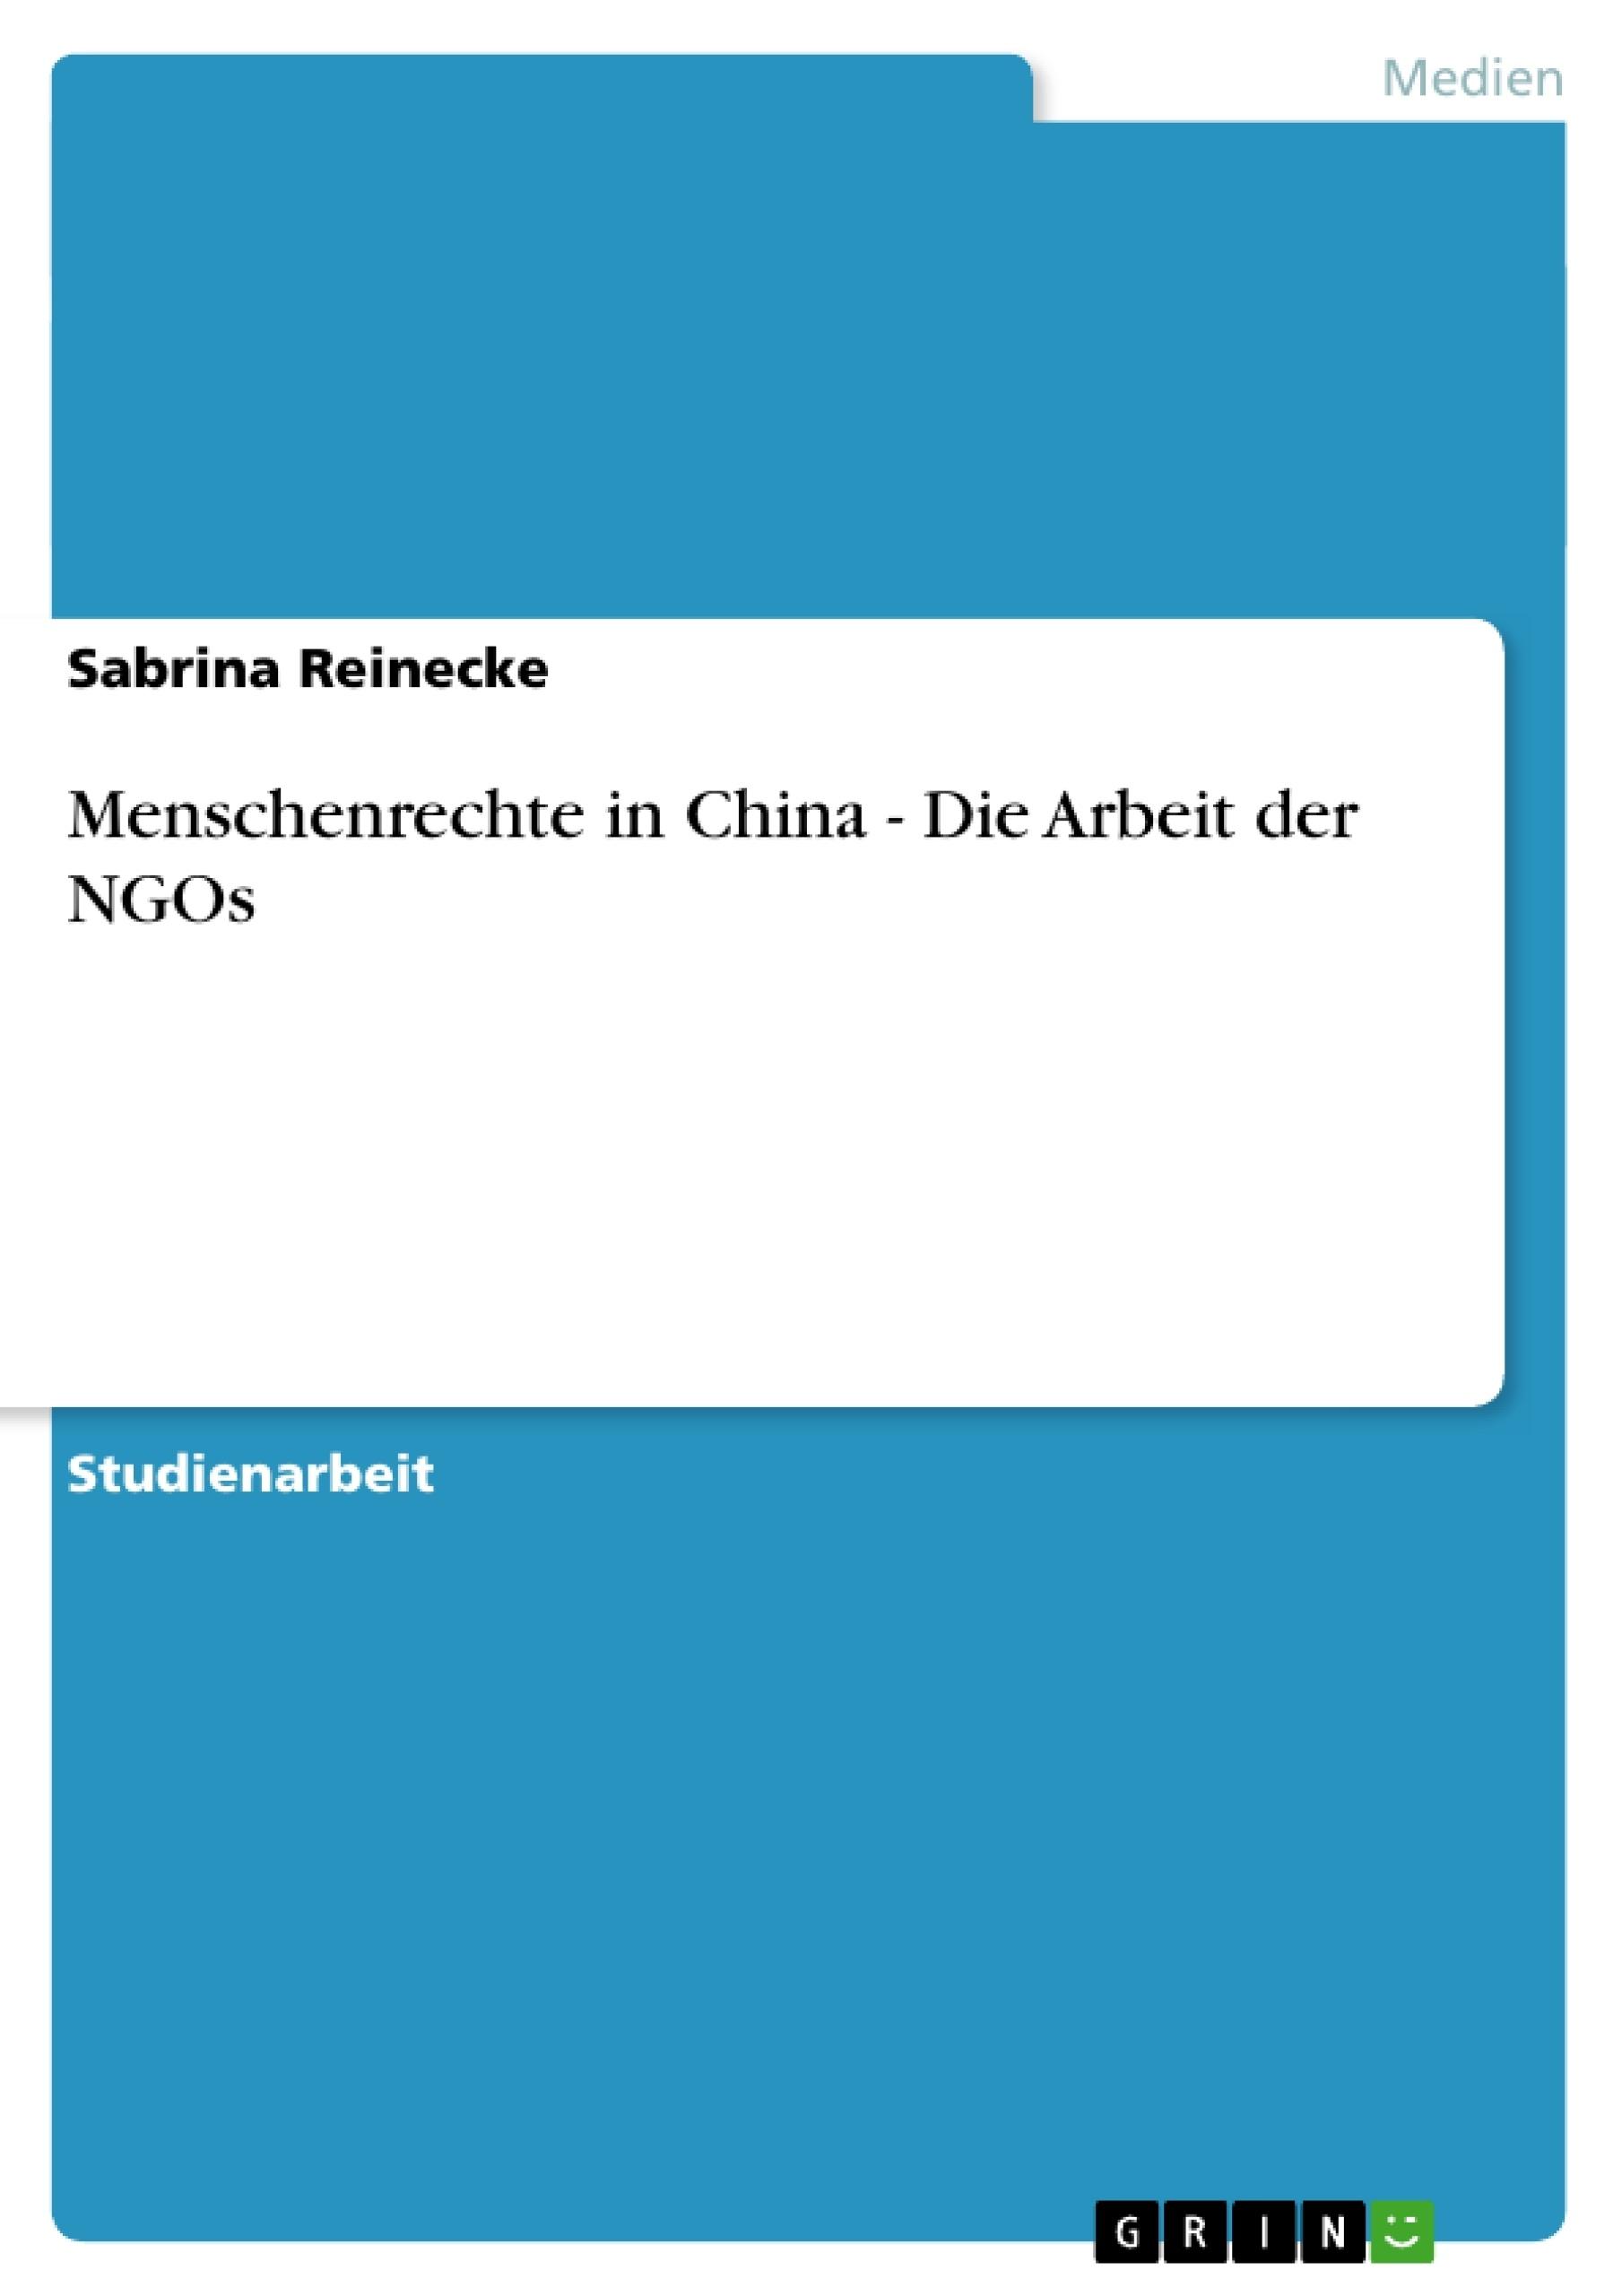 Titel: Menschenrechte in China - Die Arbeit der NGOs